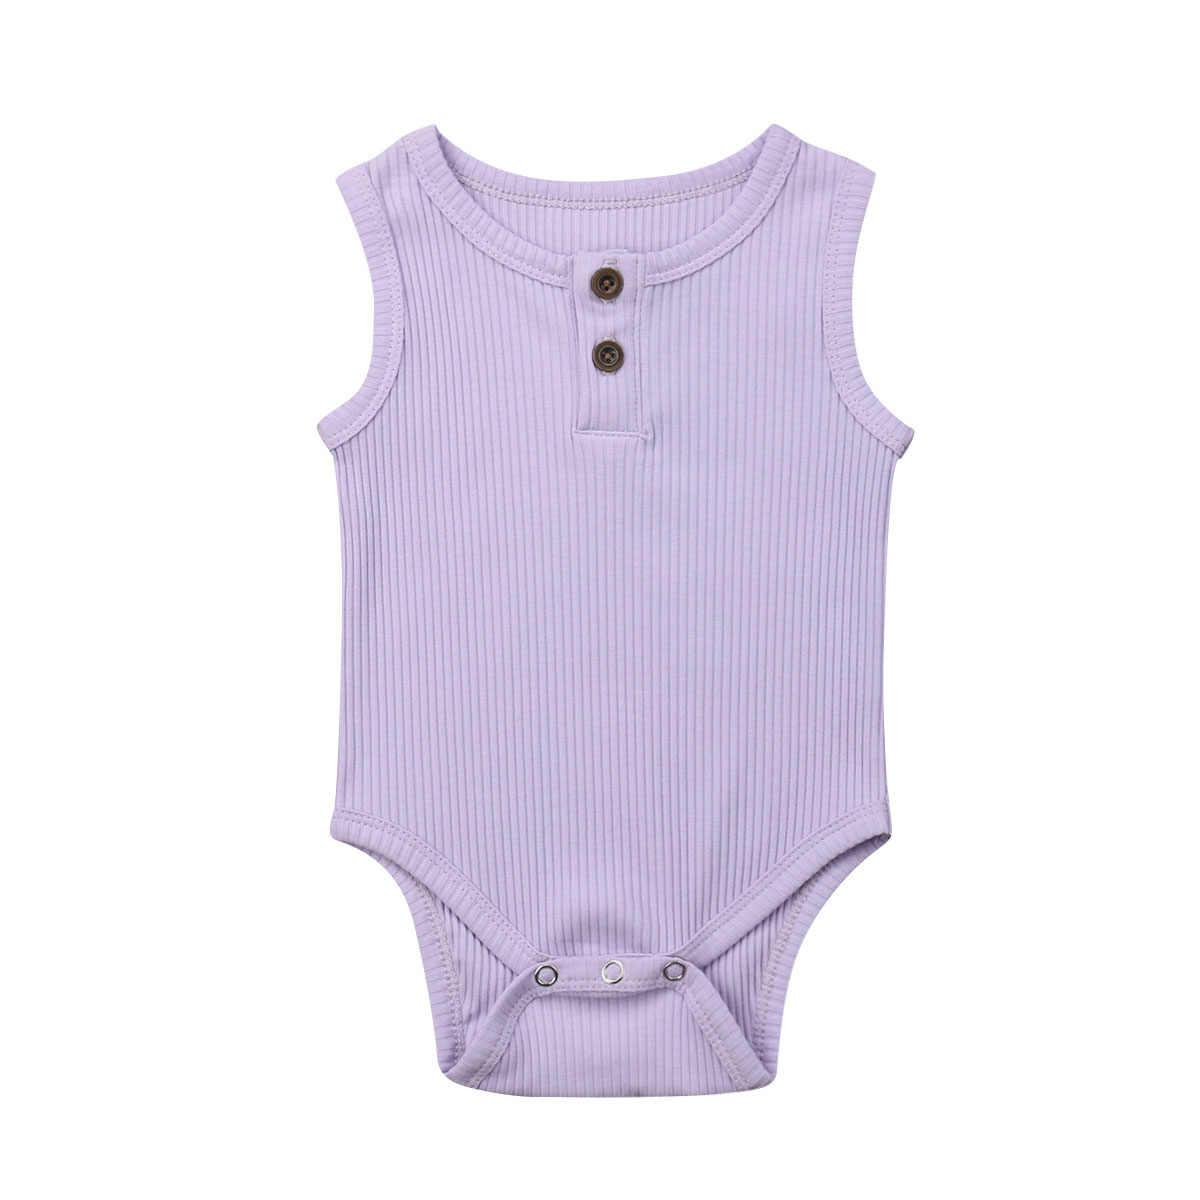 Baumwolle Sommer Neugeborenen Baby Kleidung Bodys Nette Casual Baby Jungen Mädchen Streifen Solide Overall Outfits Kleidung Kinder Kostüme